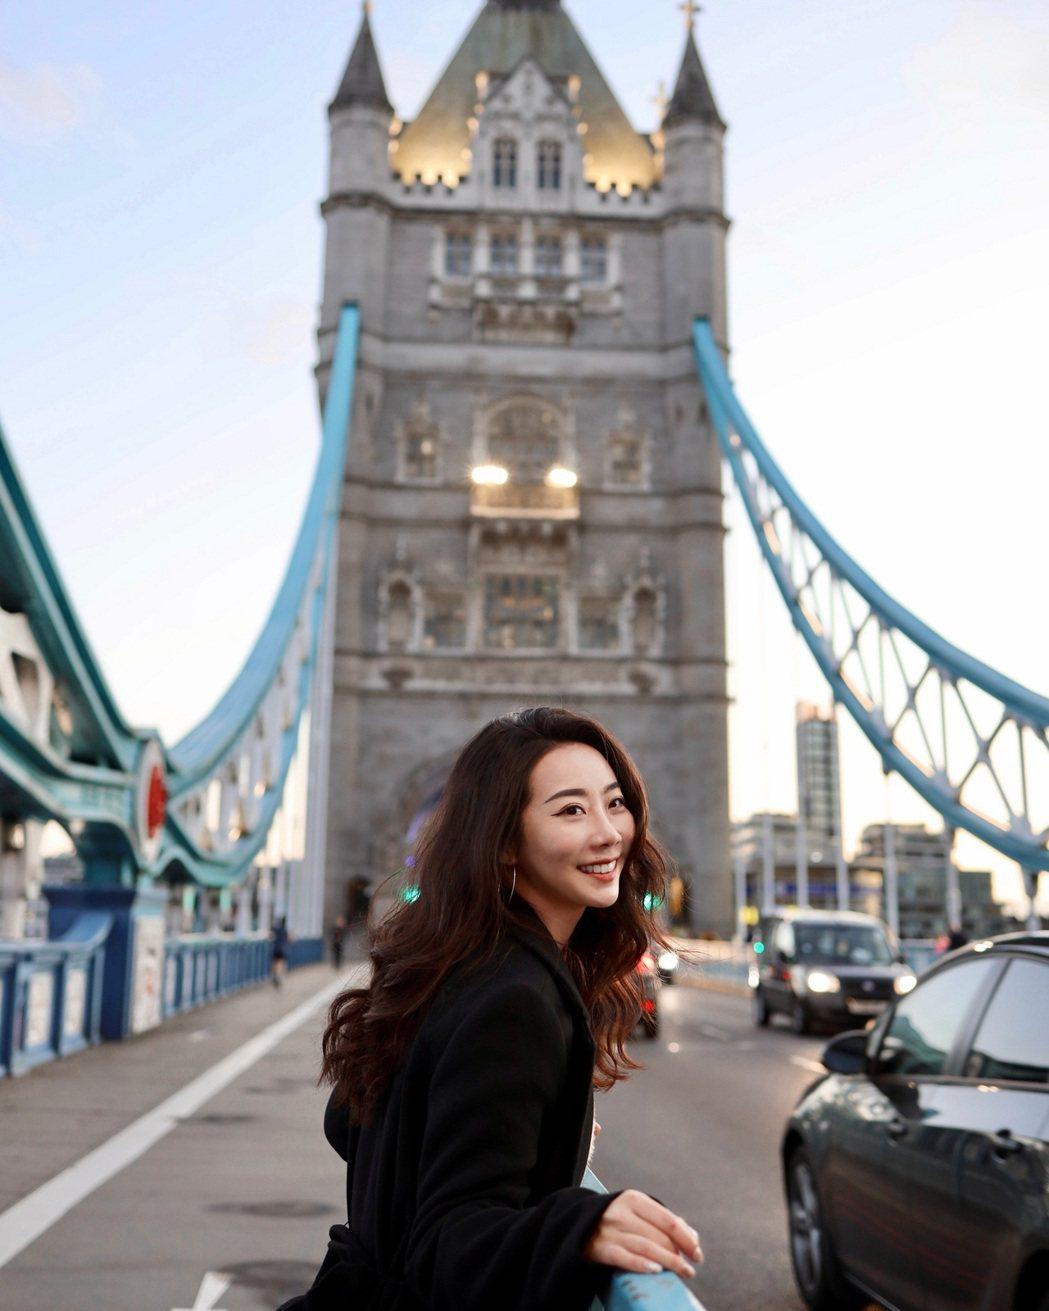 徐世珍遠赴英國留學卻遇上疫情封城。圖/東森提供